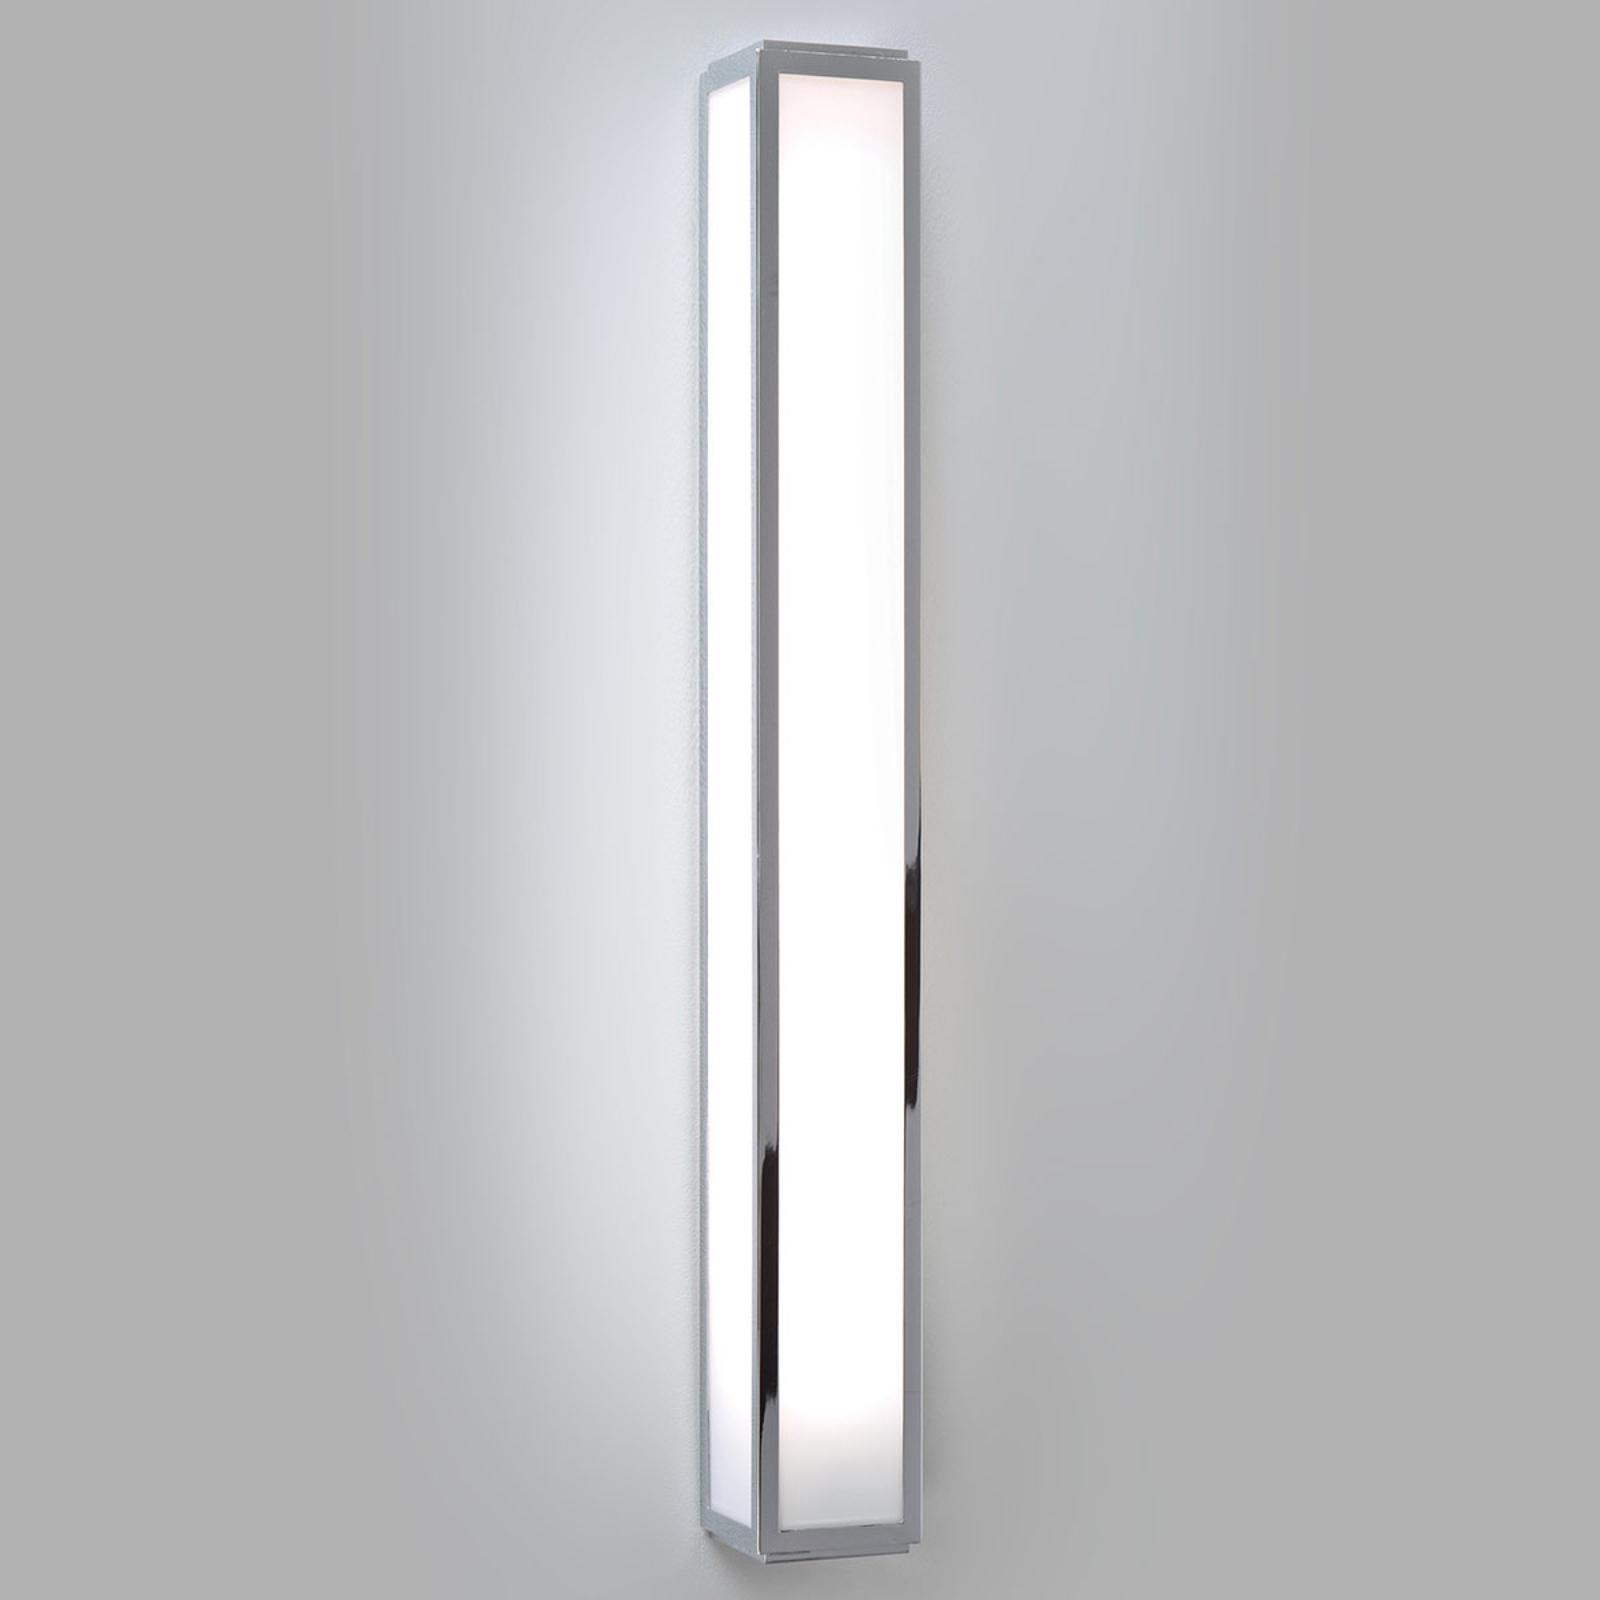 Pitkittäinen LED-seinävalaisin MASHIKO 600 LED